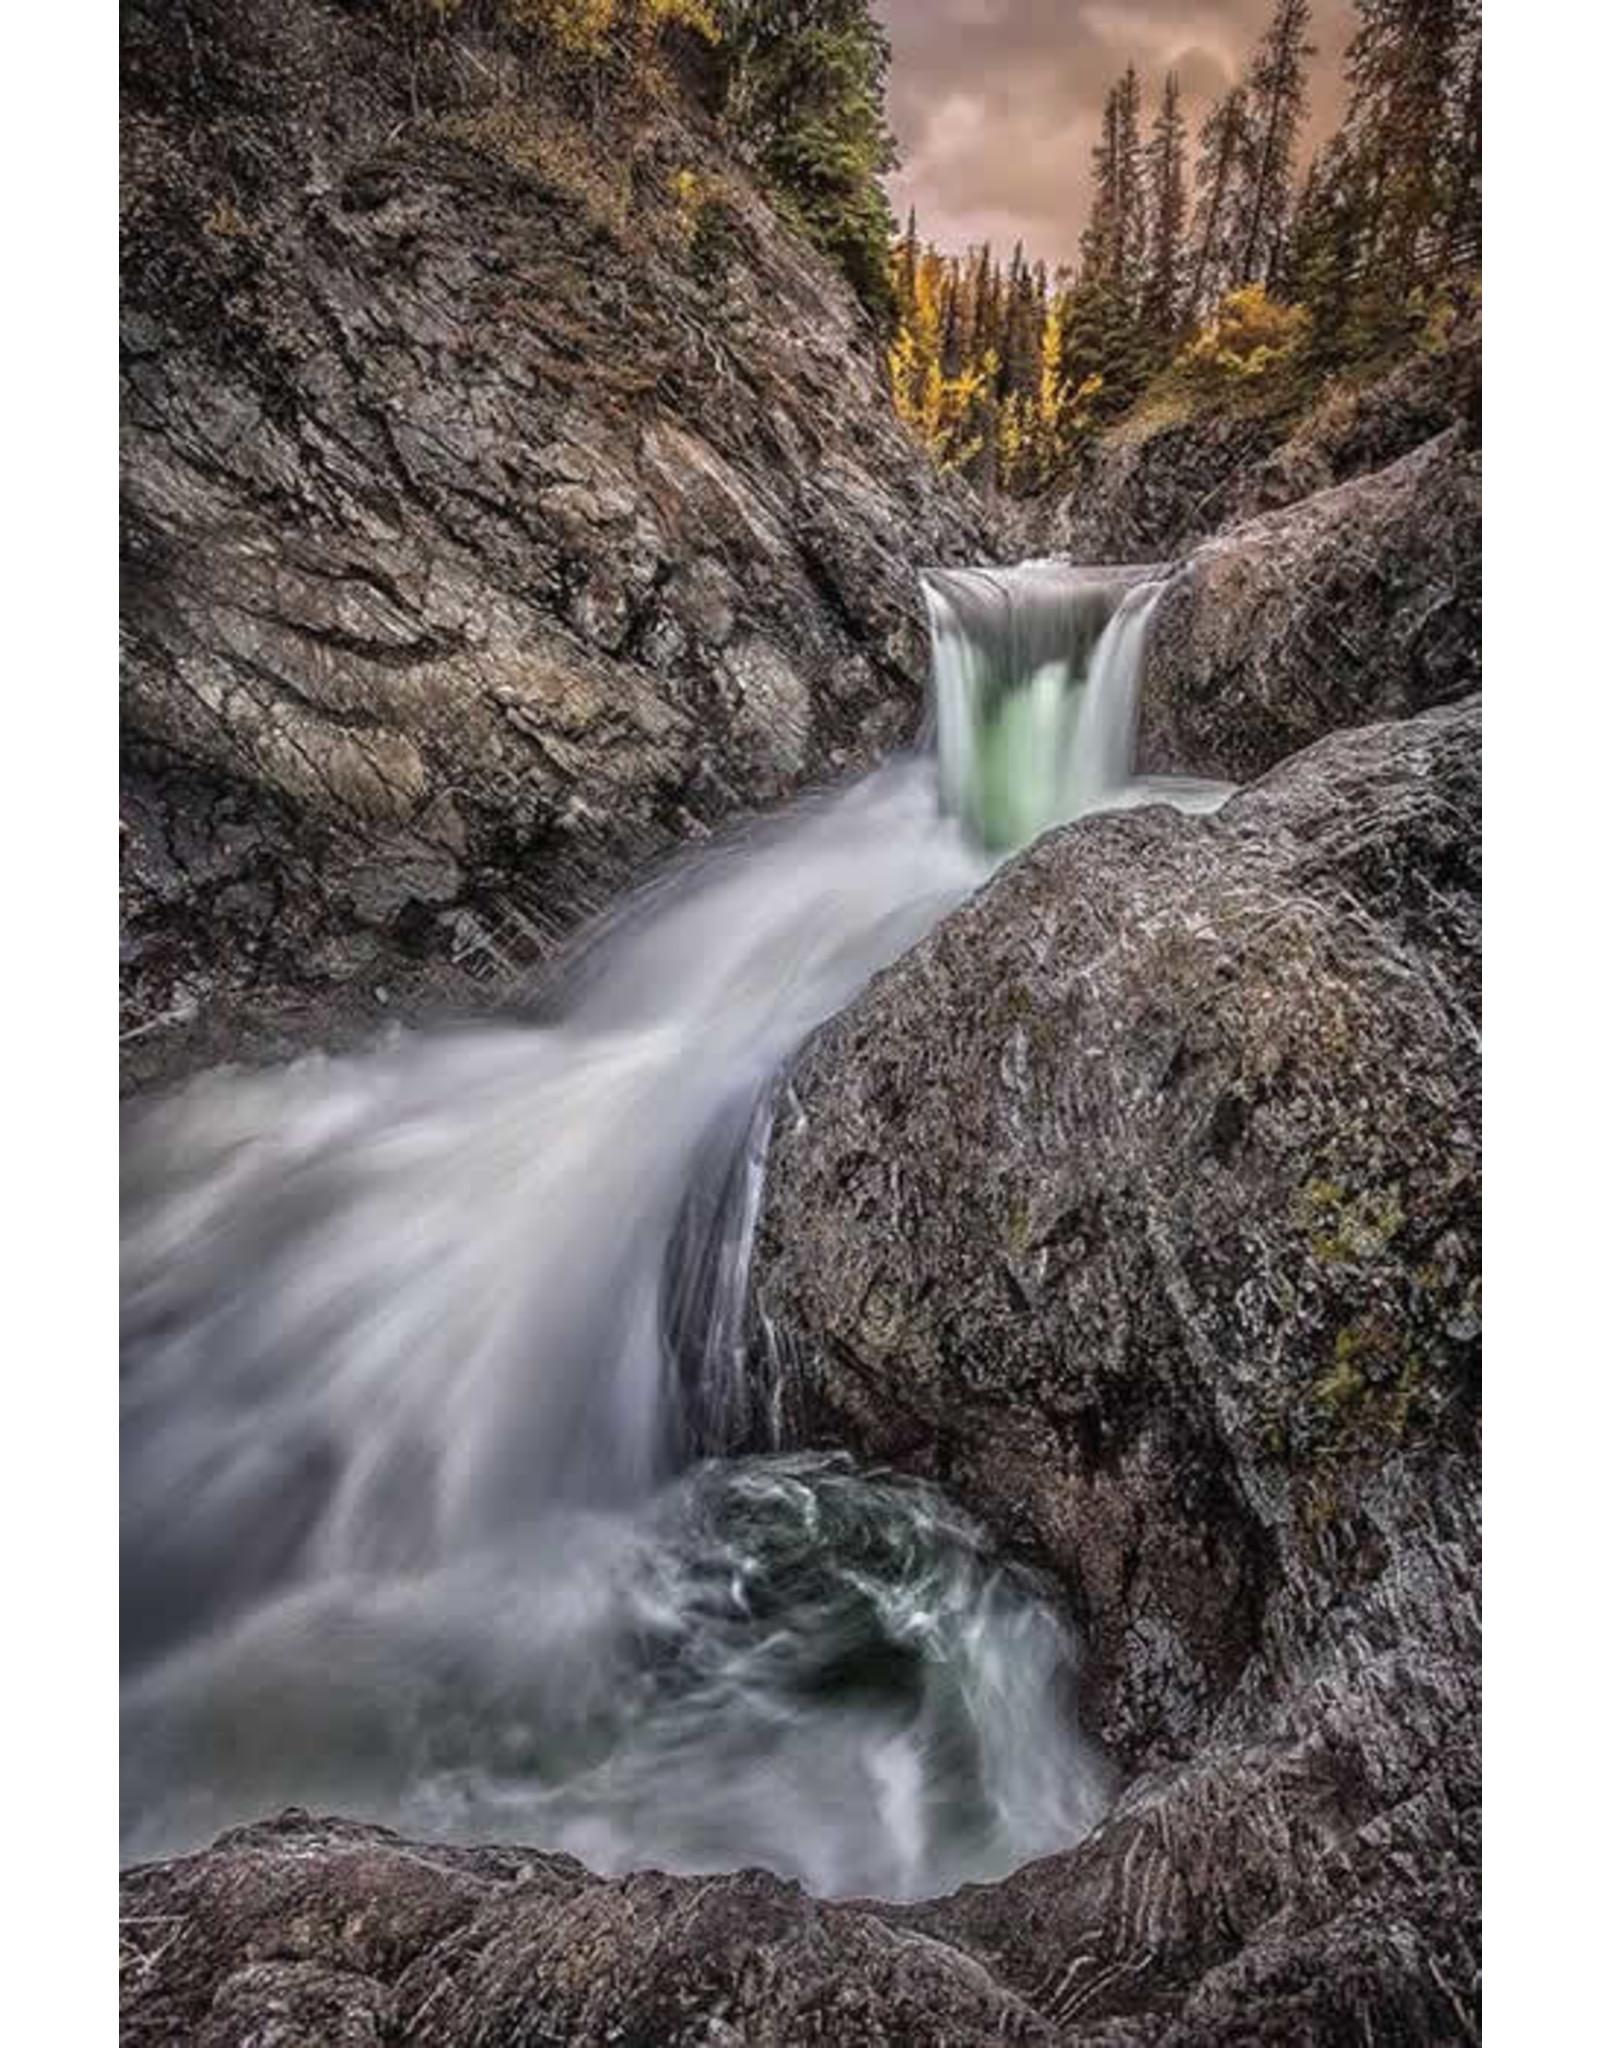 Frank Lynn Pierce Emerald Flow | Frank Lynn Pierce